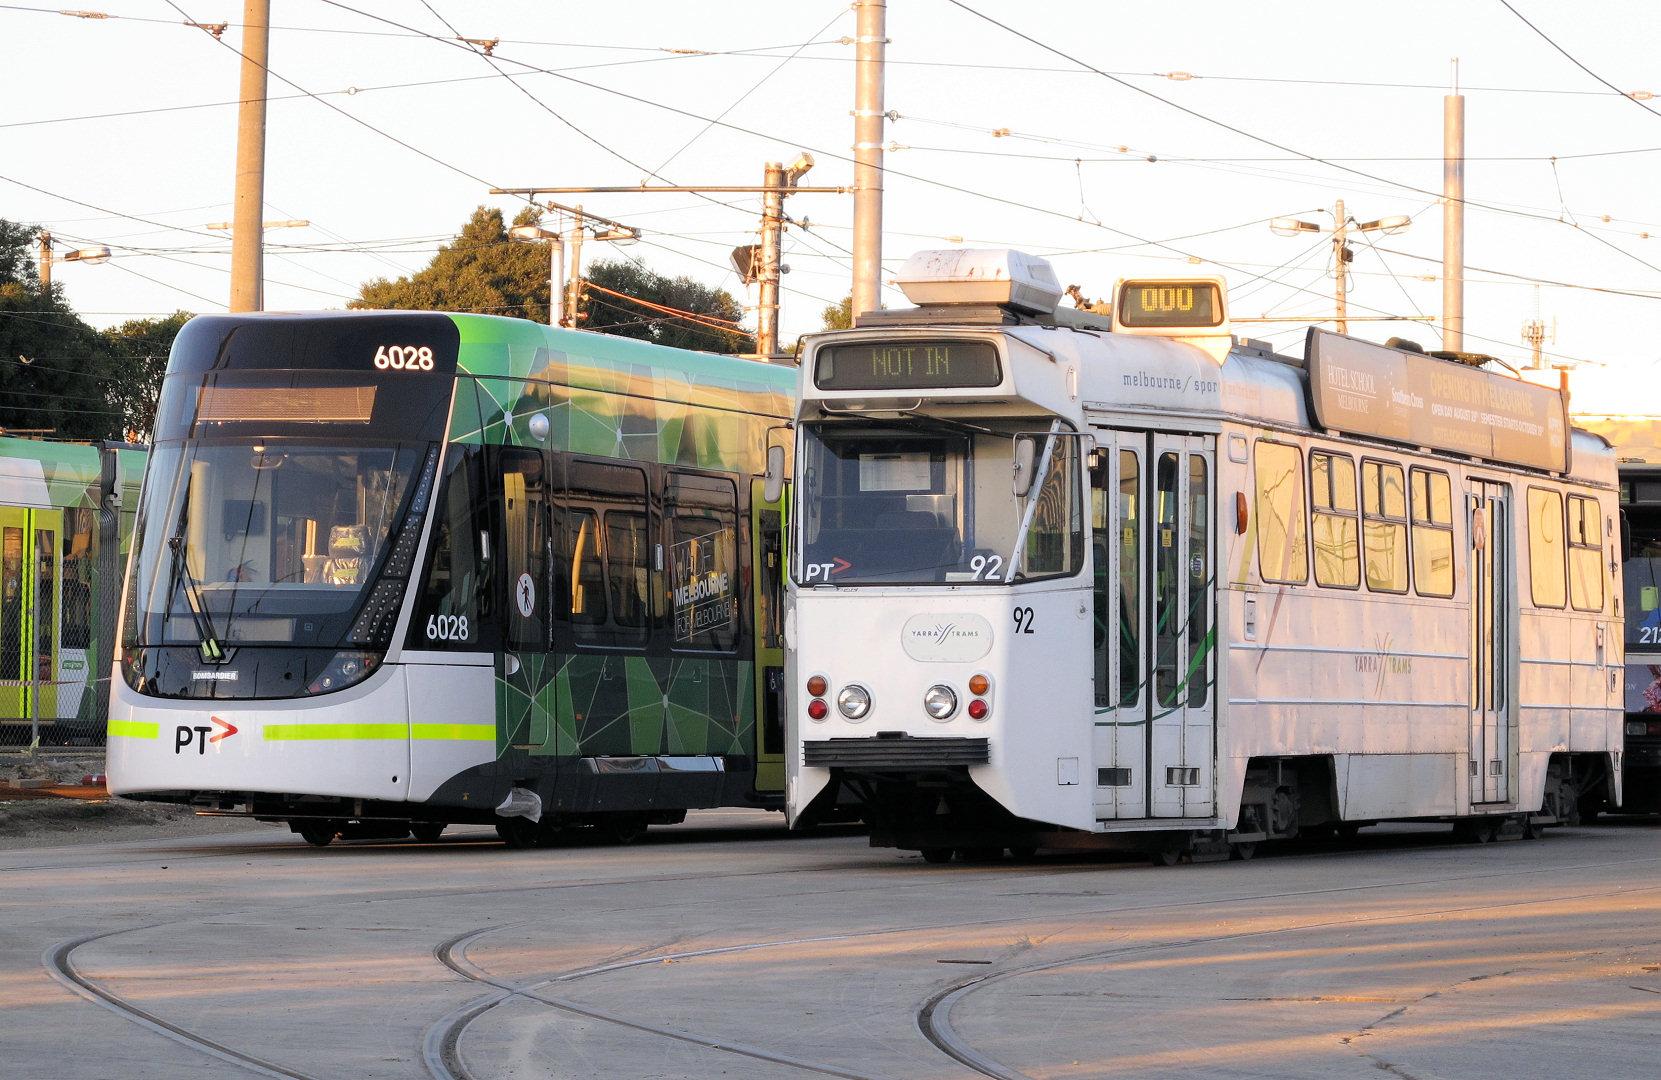 Konstrukce vozů řady Z (nejstarších tramvají nasazovaných na běžné linky) byla inspirována švédskými tramvajemi M28 a M29. Jeden z vozů řady Z je na snímku zachycen vedle nejmladšího přírůstku v podobě vozu Bombardier Flexity Swift (řada E) ev. č. 6028. (foto: Mal Rowe)